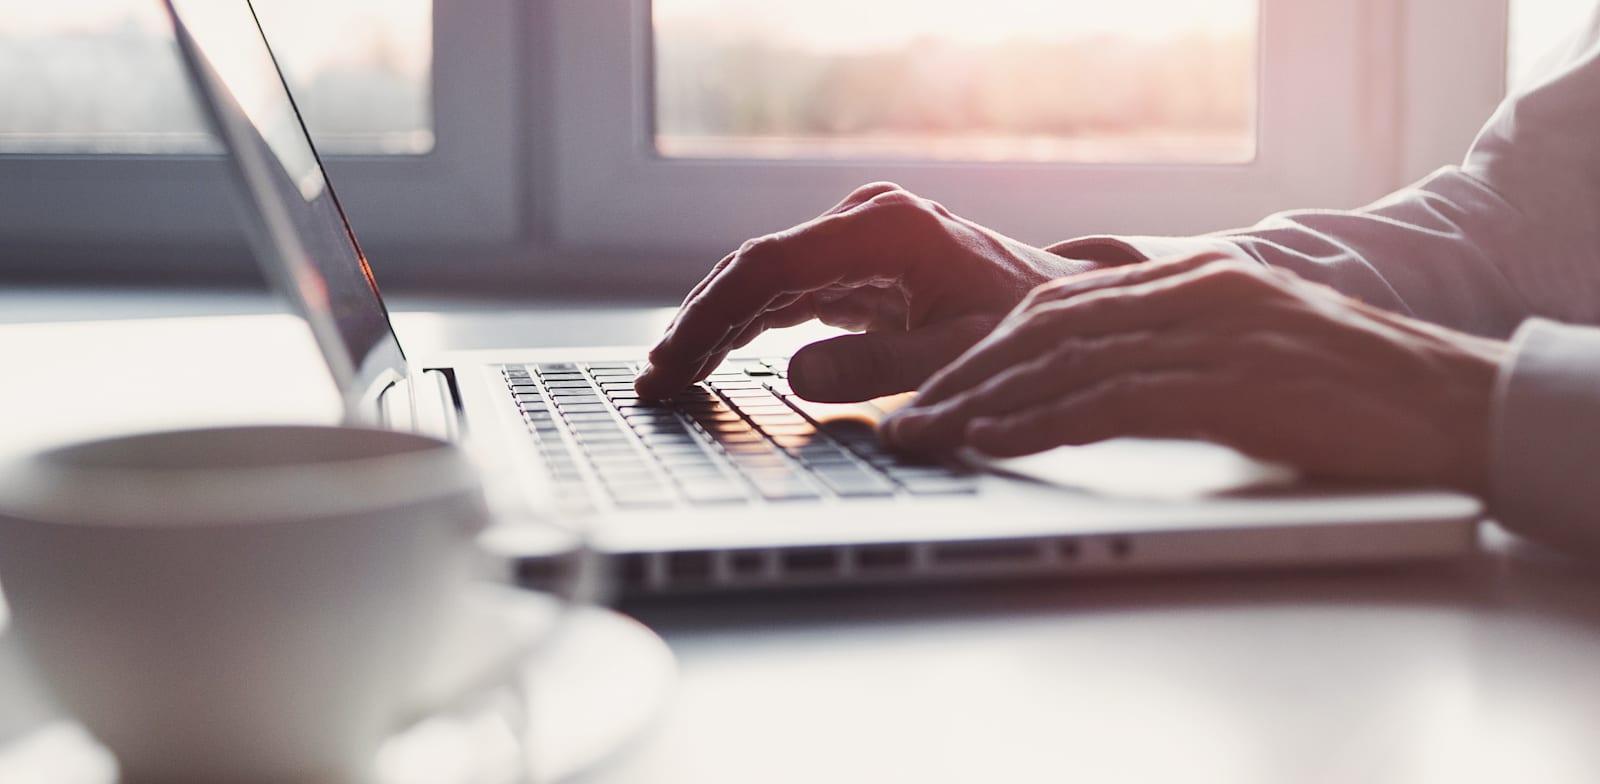 רישום דיגיטלי ברשם החברות / צילום: Shutterstock, Kite_rin